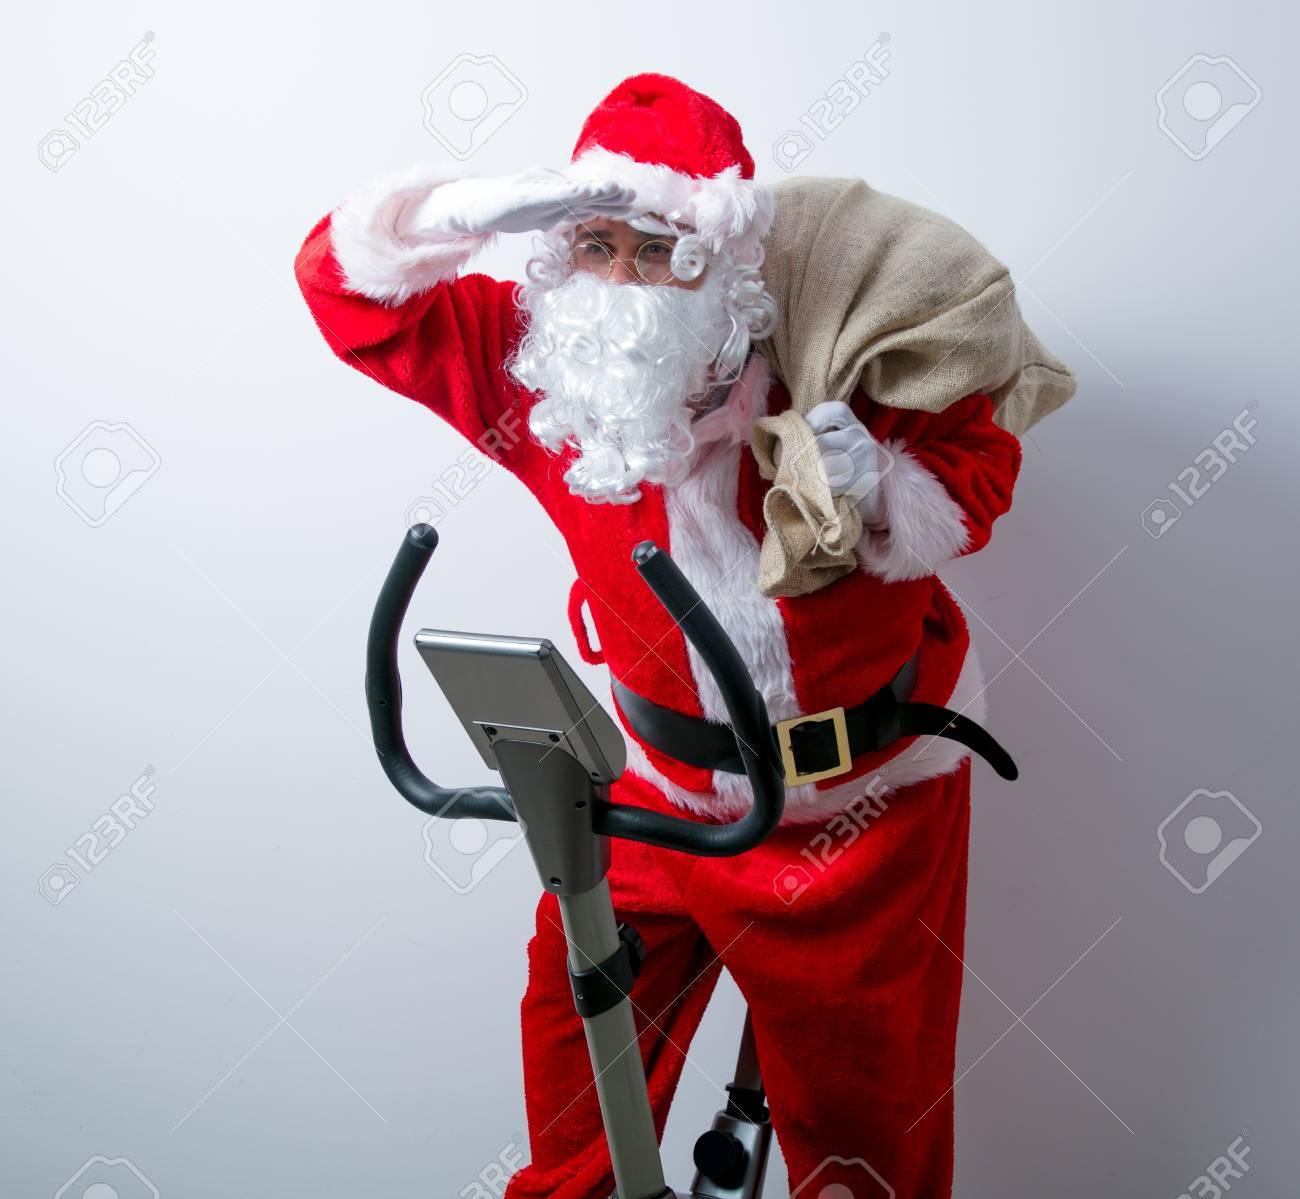 Babbo Natale In Bicicletta.Immagini Stock Divertente Babbo Natale Hanno Un Divertimento Con